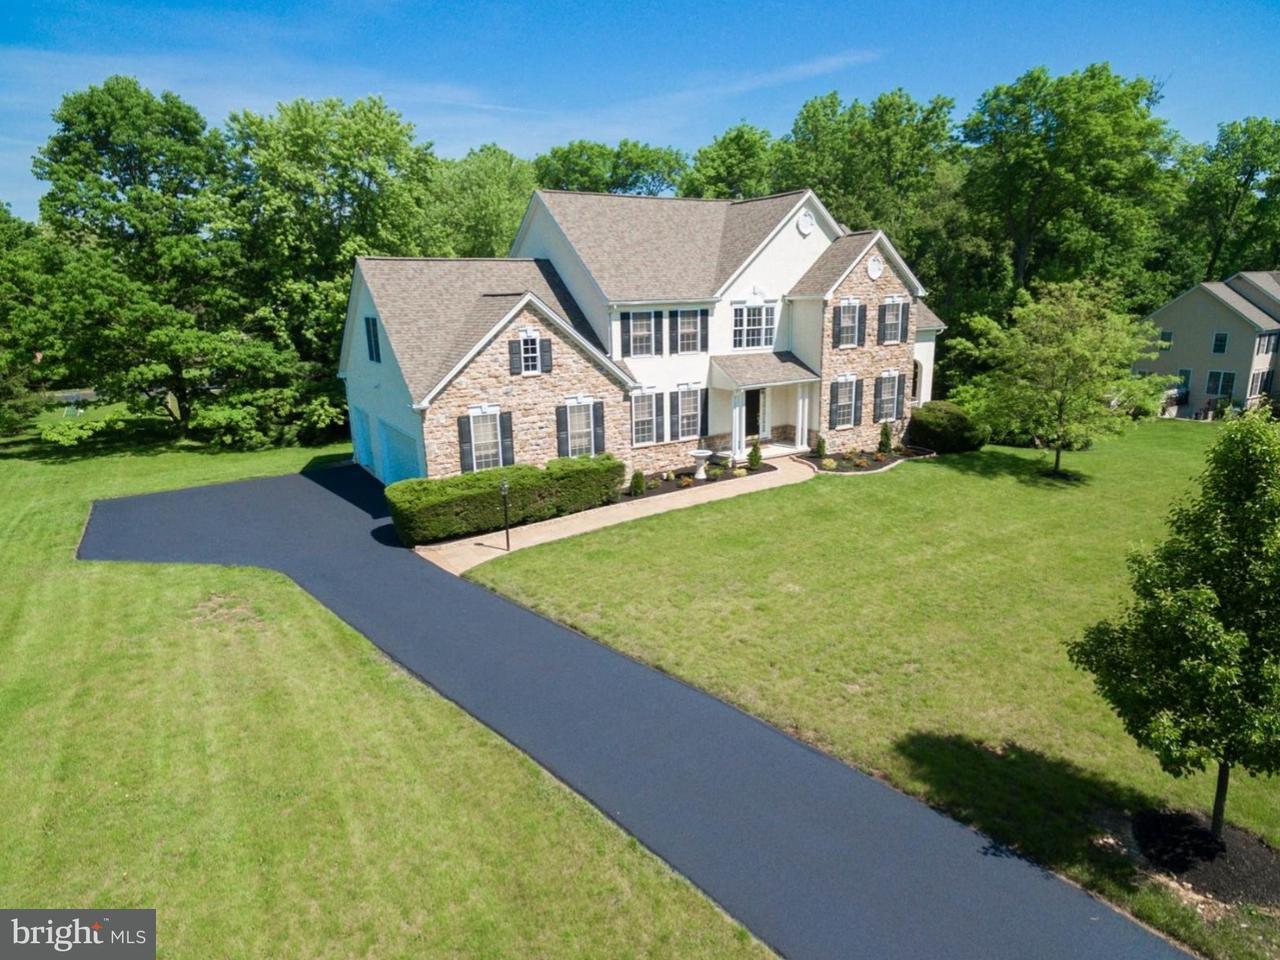 独户住宅 为 销售 在 3183 HAMMOND Drive Garnet Valley, 宾夕法尼亚州 19061 美国